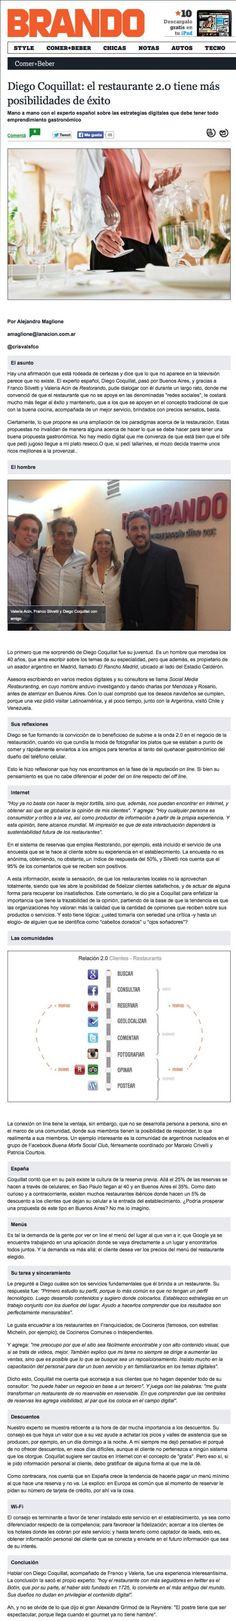 Una interesante entrevista de Alejandro Maglione a Diego Coquillat, con muy buenos puntos sobre lo que debe hacer un Restaurante 2.0. Buenas recomendaciones basadas en la experiencia, que cada establecimiento debería poder interiorizar y personalizar para diferenciarse.